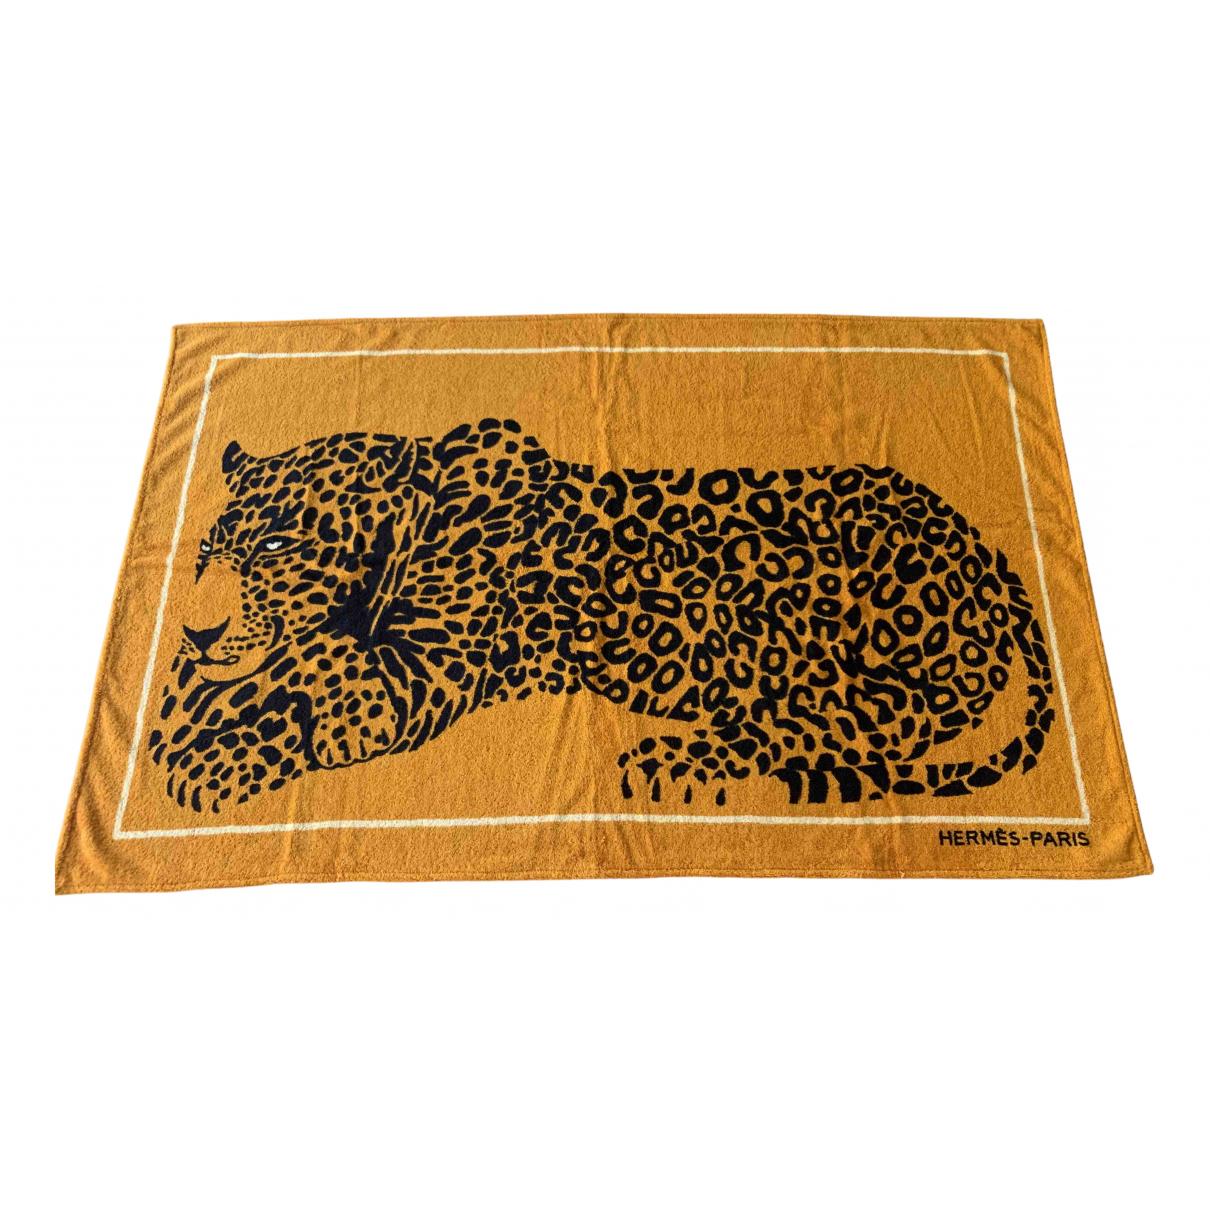 Textil de hogar Les Leopards Hermes